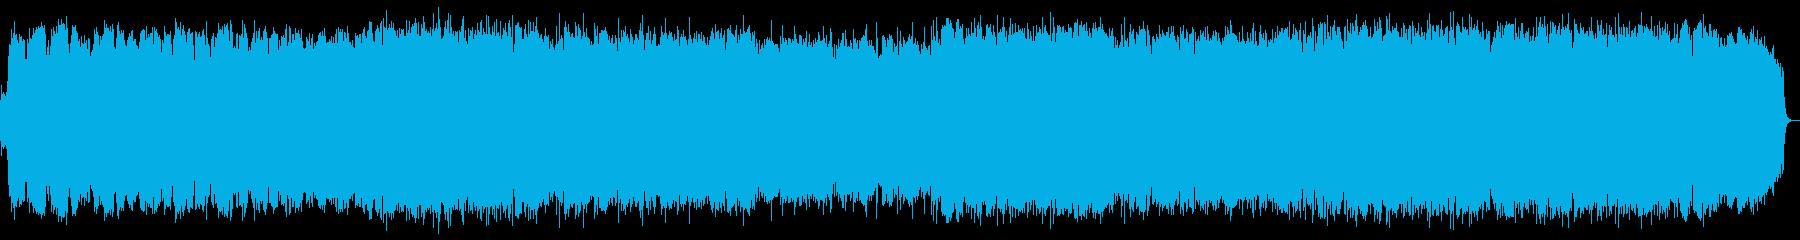 少し寂しげな竹笛のヒーリング音楽の再生済みの波形